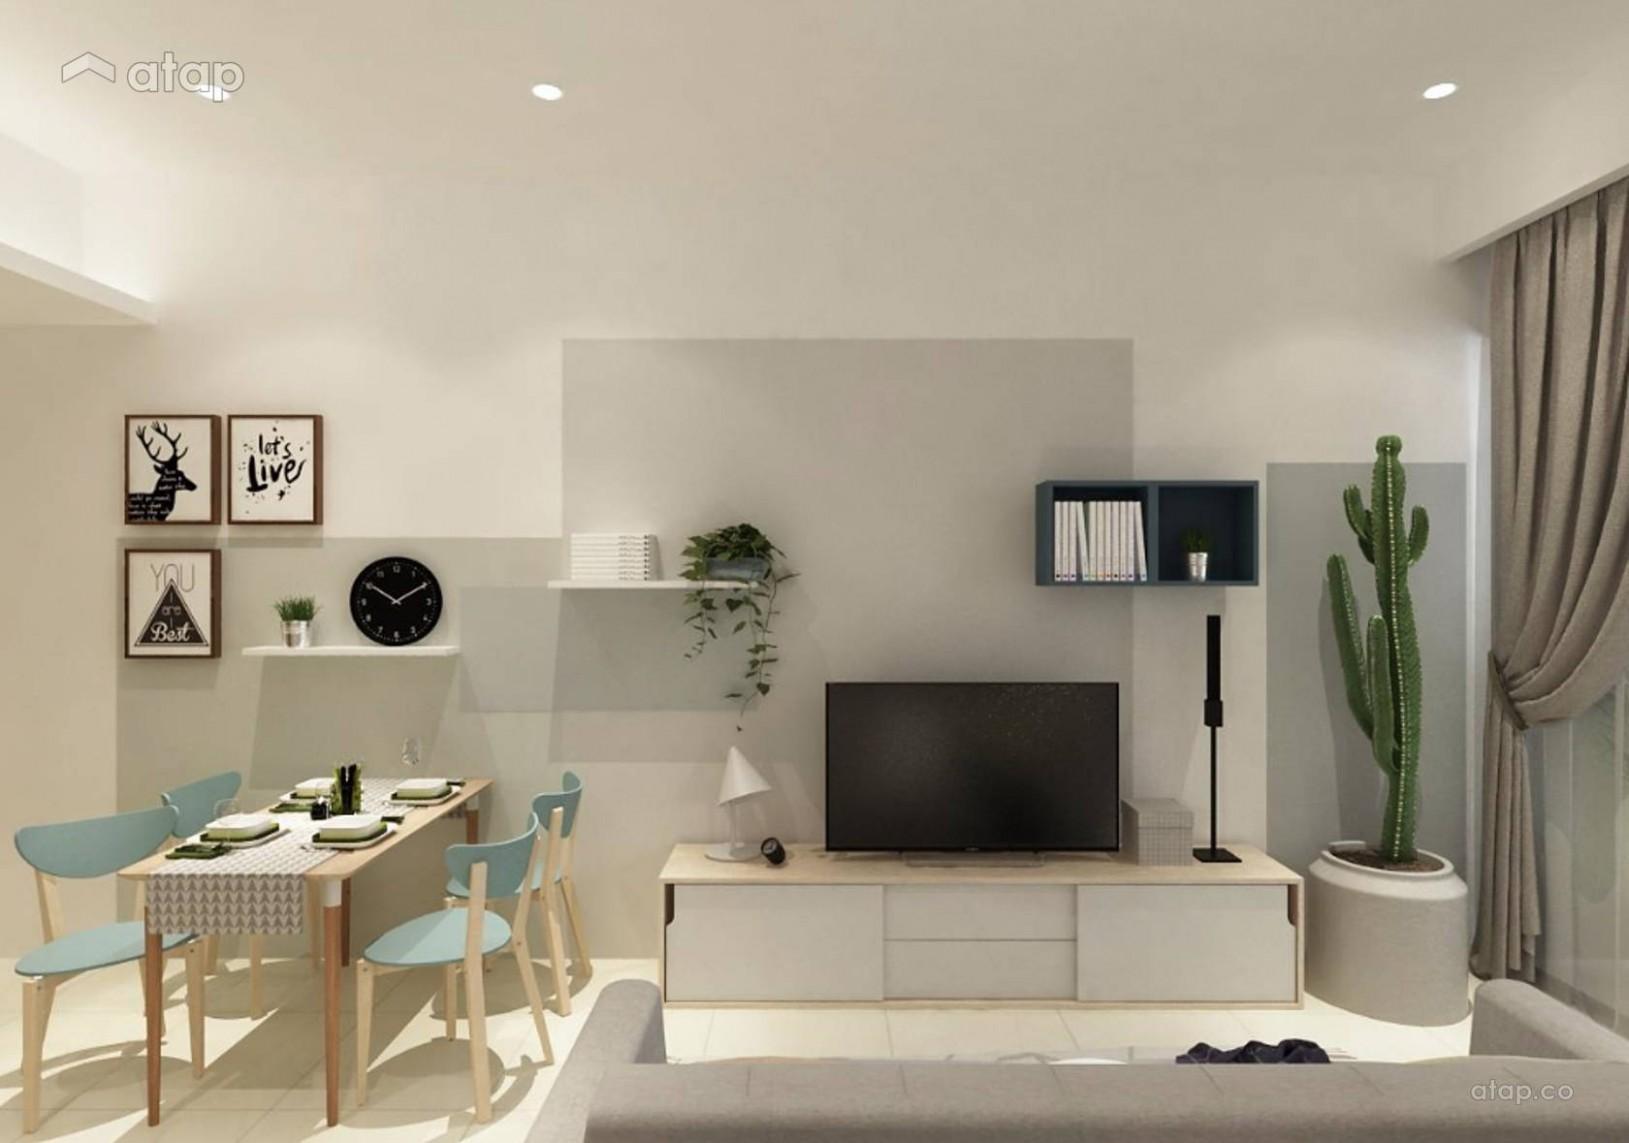 Palazio Serviced Apartment @ Johor Bahru interior design  - Apartment Design Johor